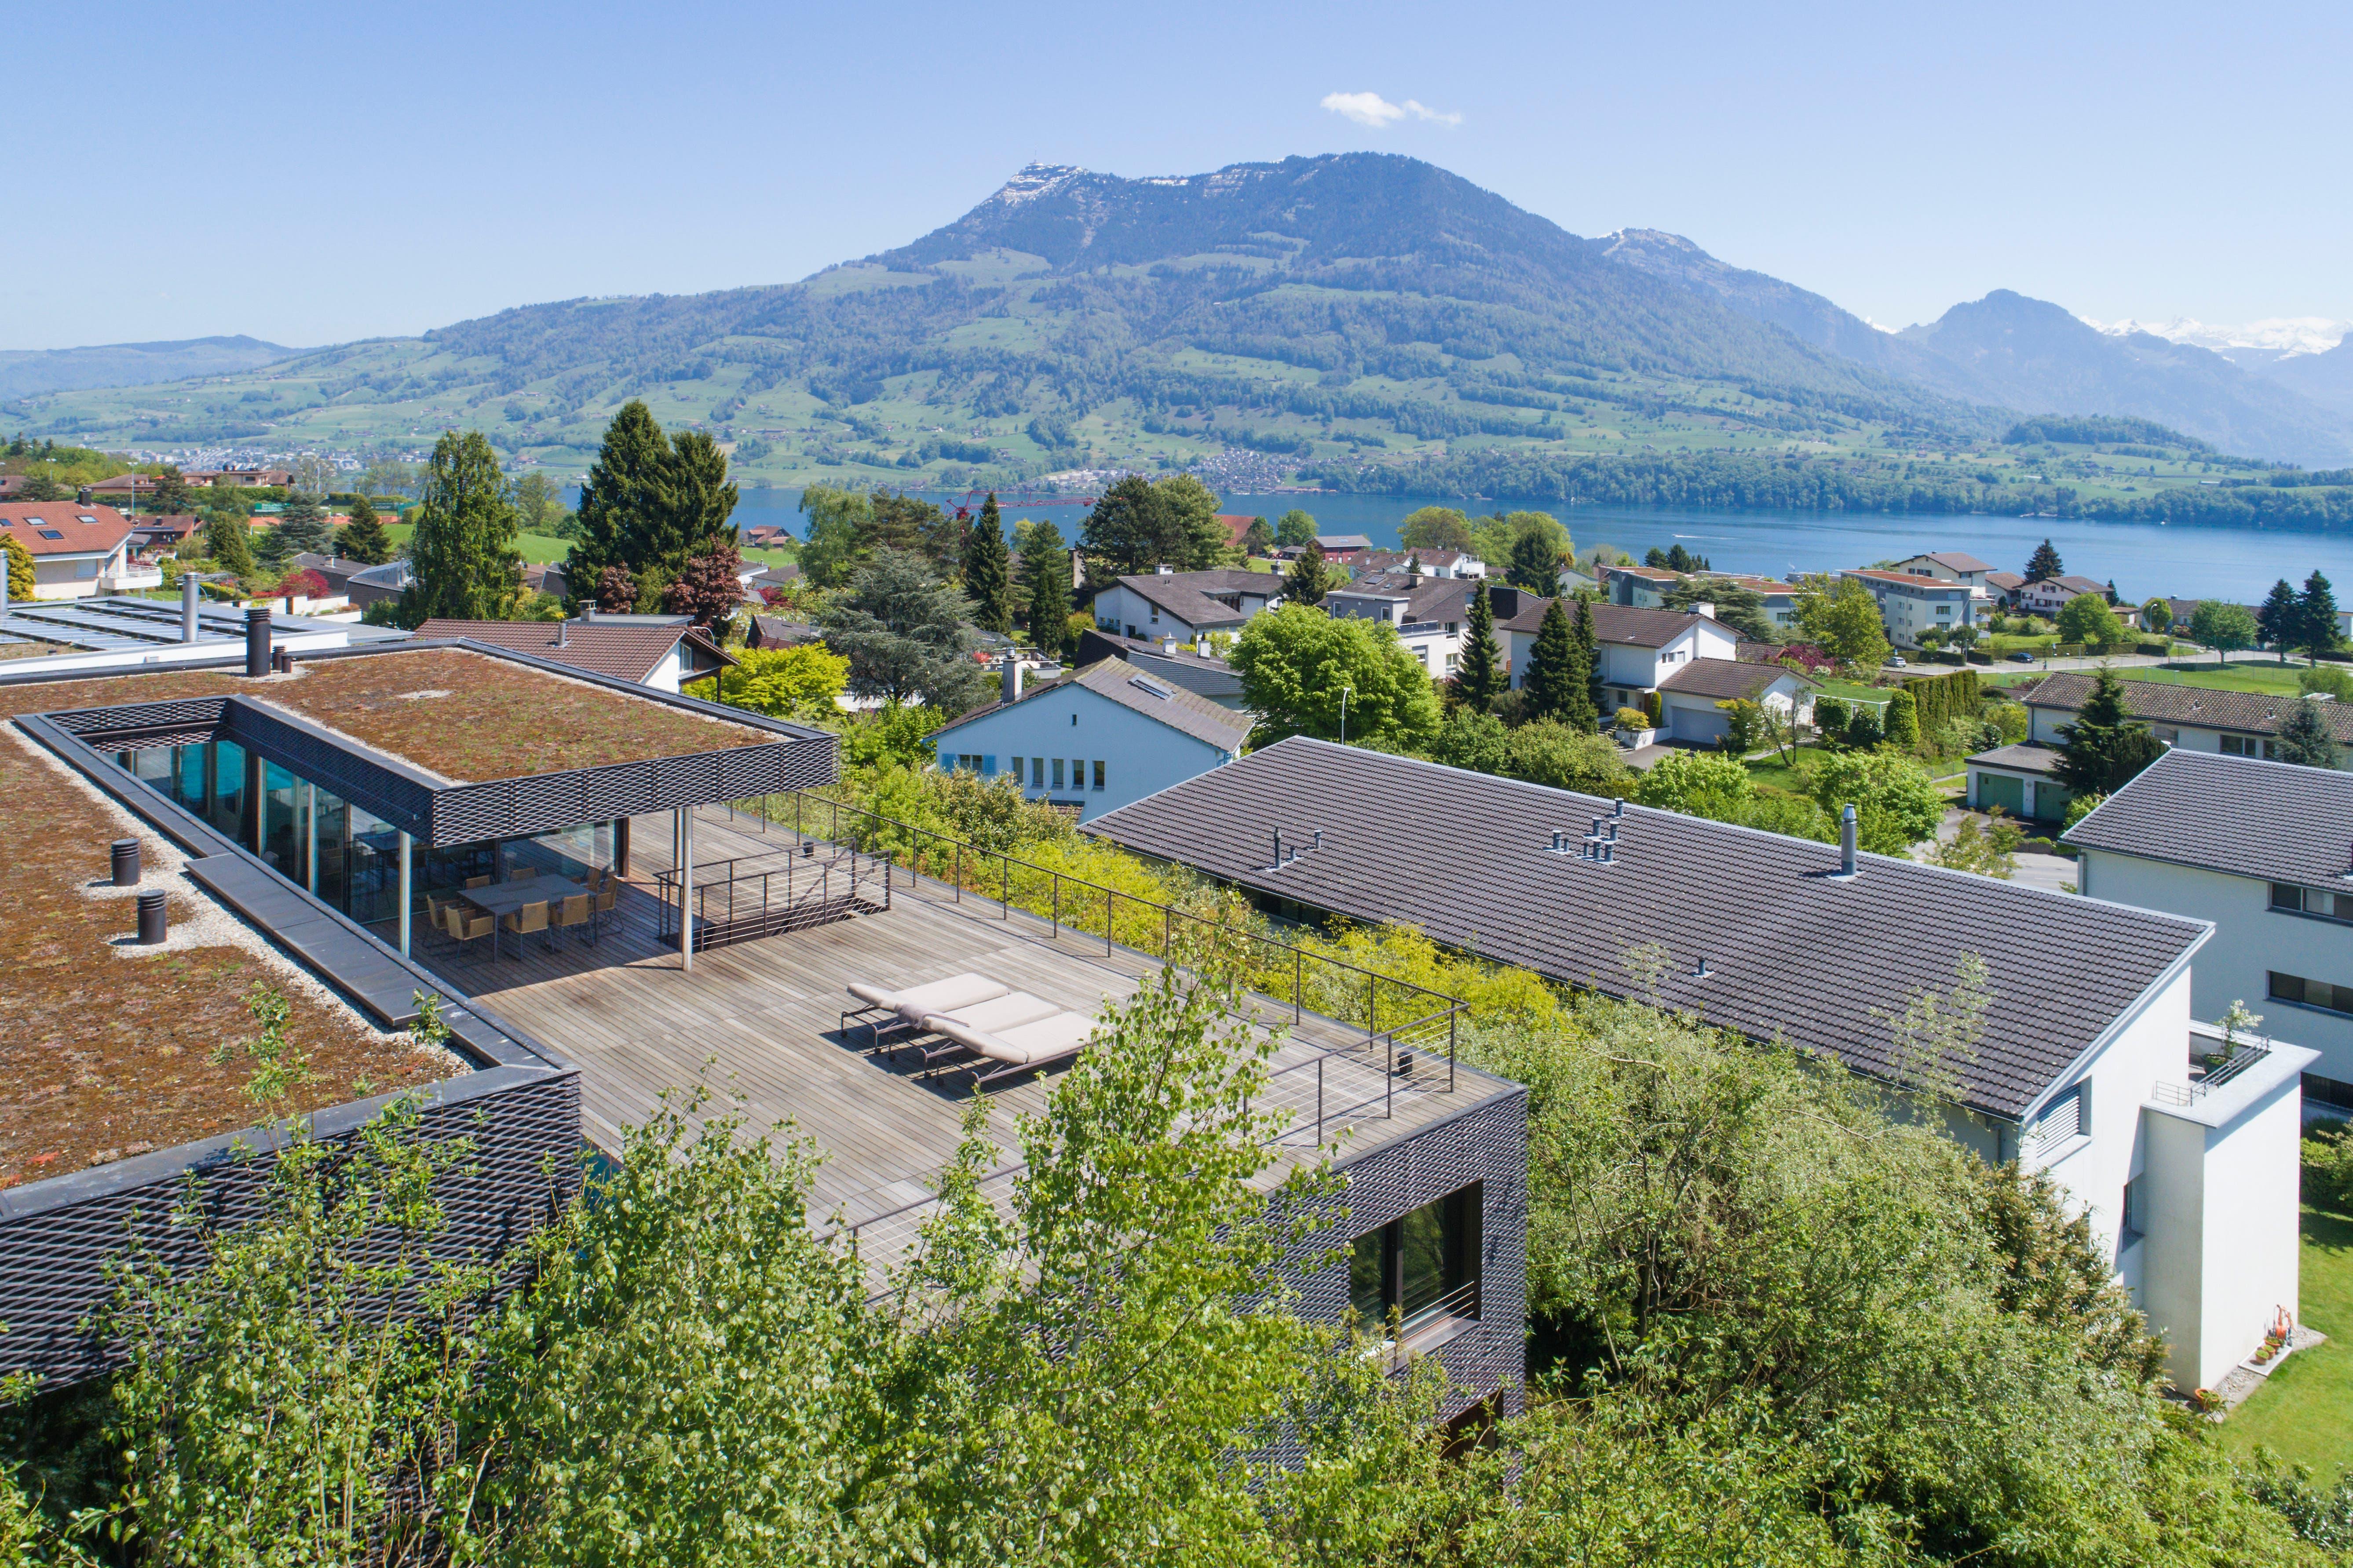 «Gute Wohnlagen in der Stadt und in Meggen sind besonders gefragt.» Blick auf eine Liegenschaft in Meggen LU.